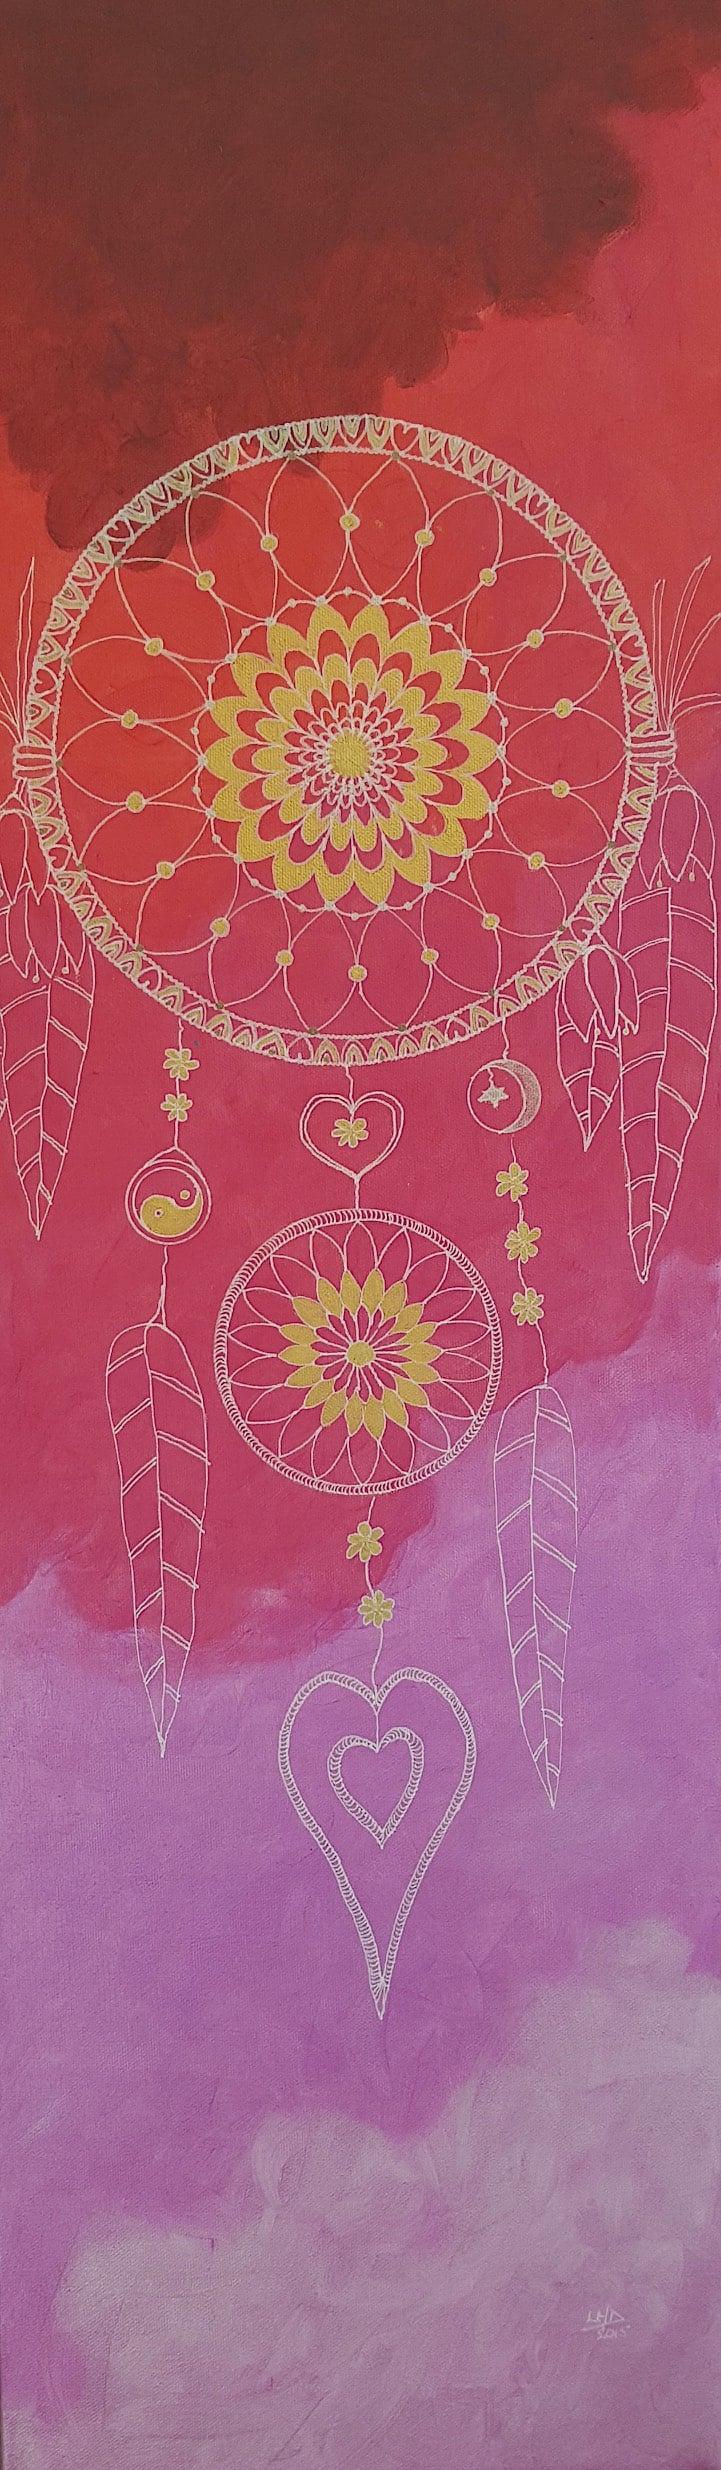 Pink Dreamcatcher by Lynn Hanford-Day